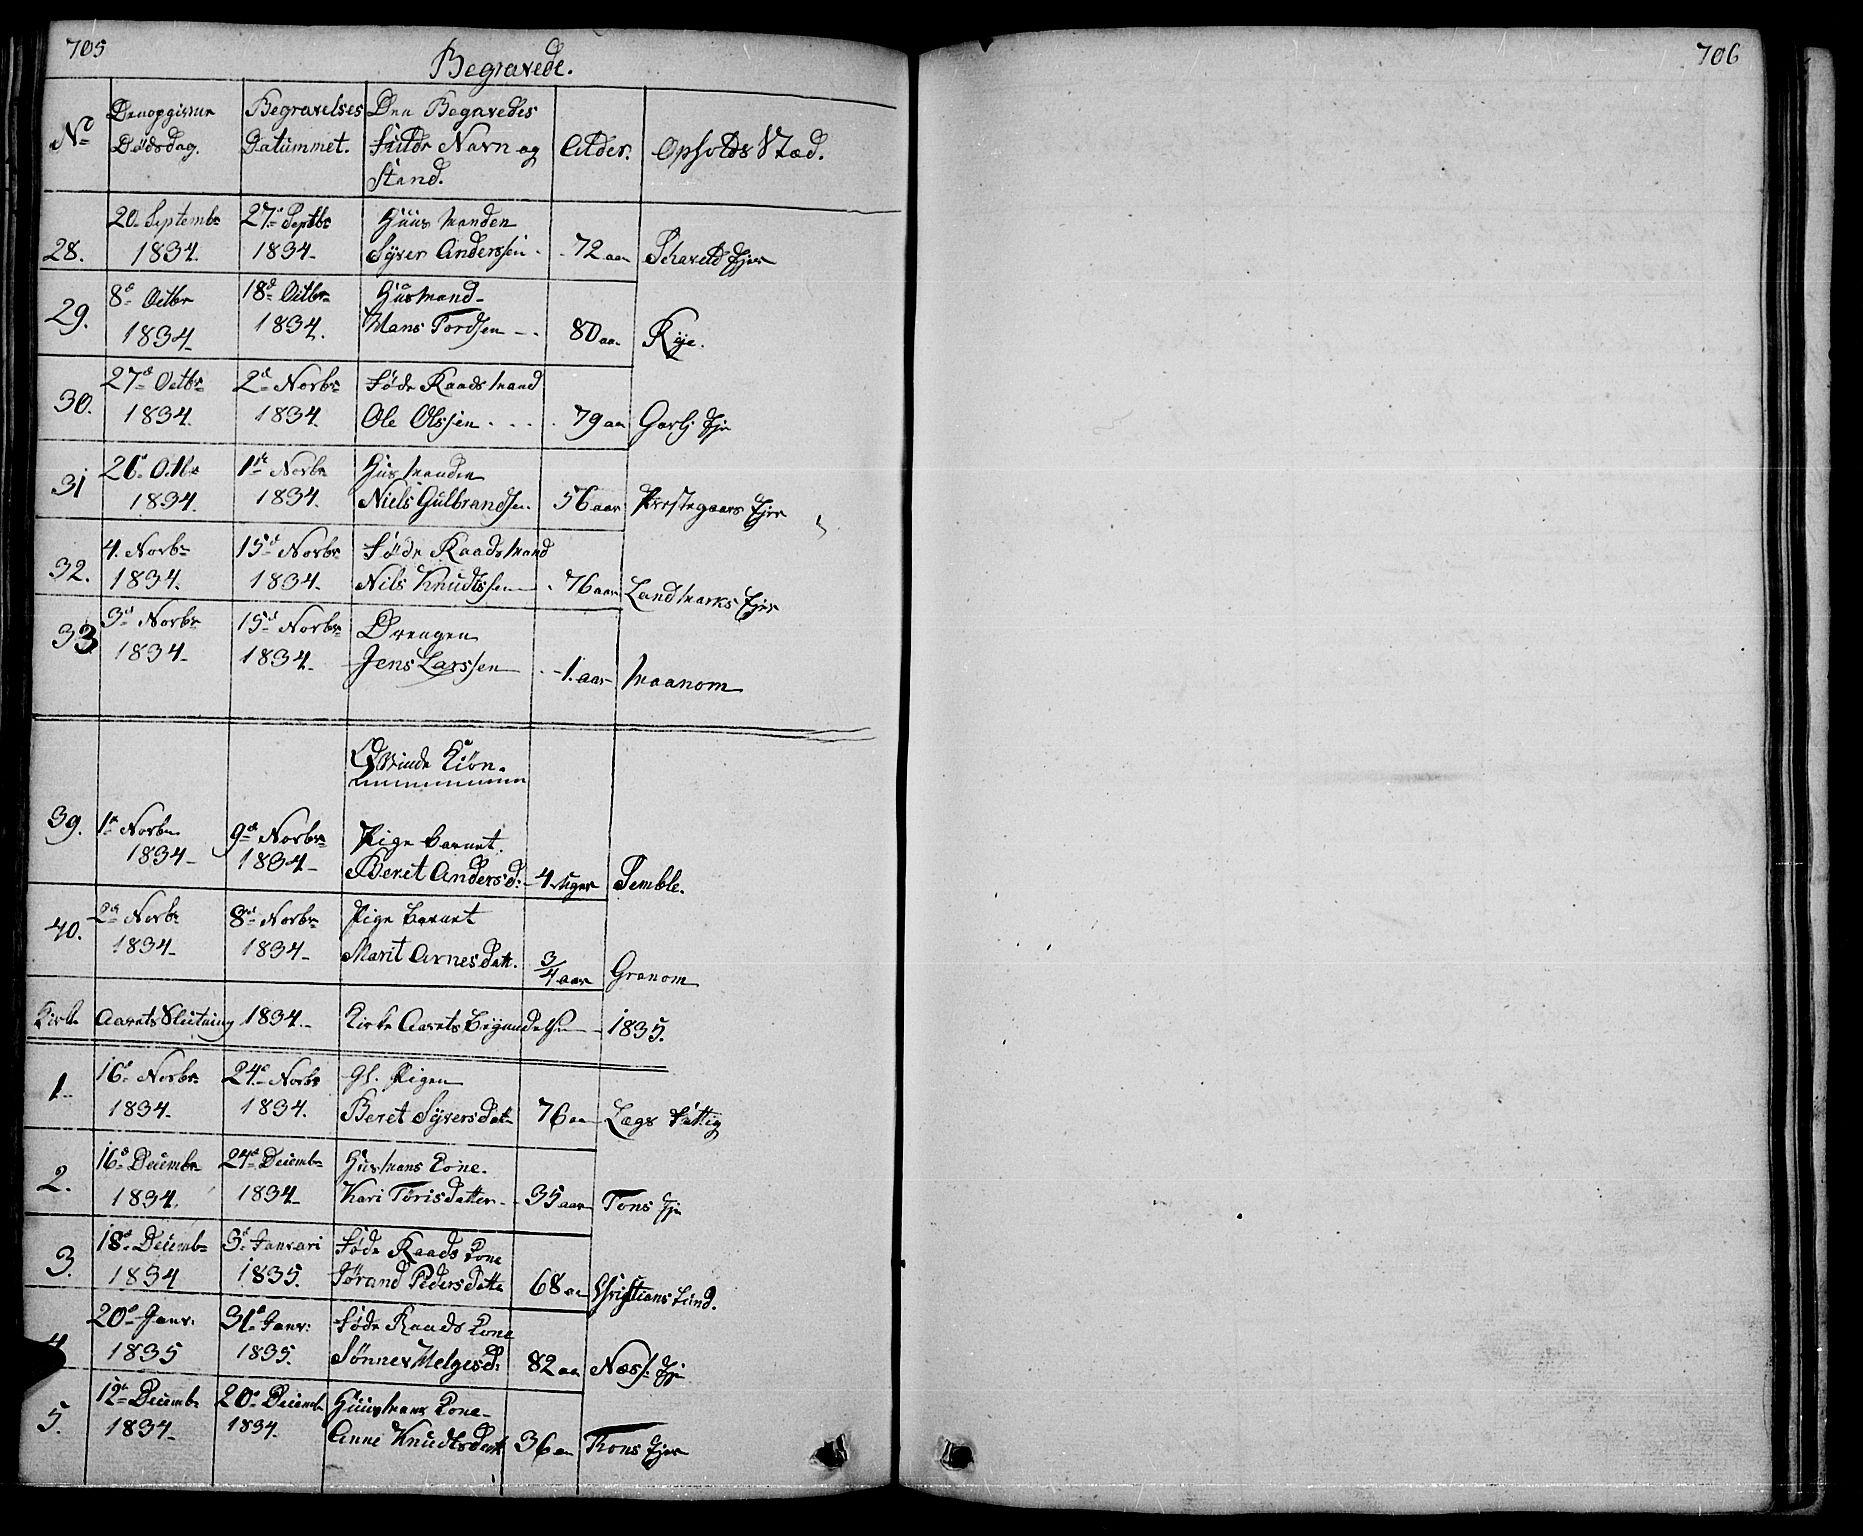 SAH, Nord-Aurdal prestekontor, Klokkerbok nr. 1, 1834-1887, s. 705-706